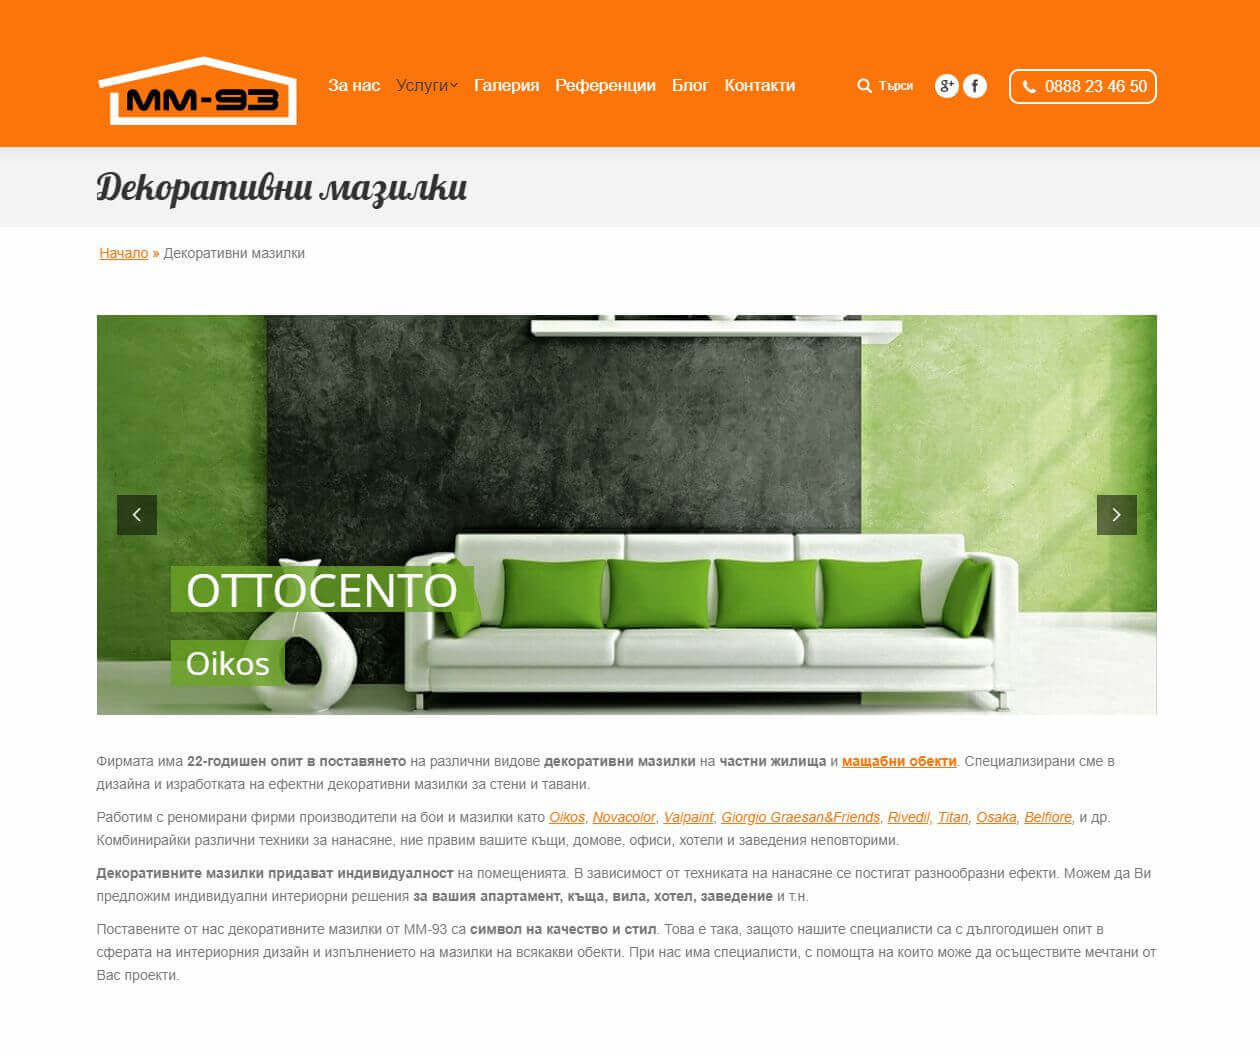 SEO оптимизация - рекламна агенция Медия Дизайн